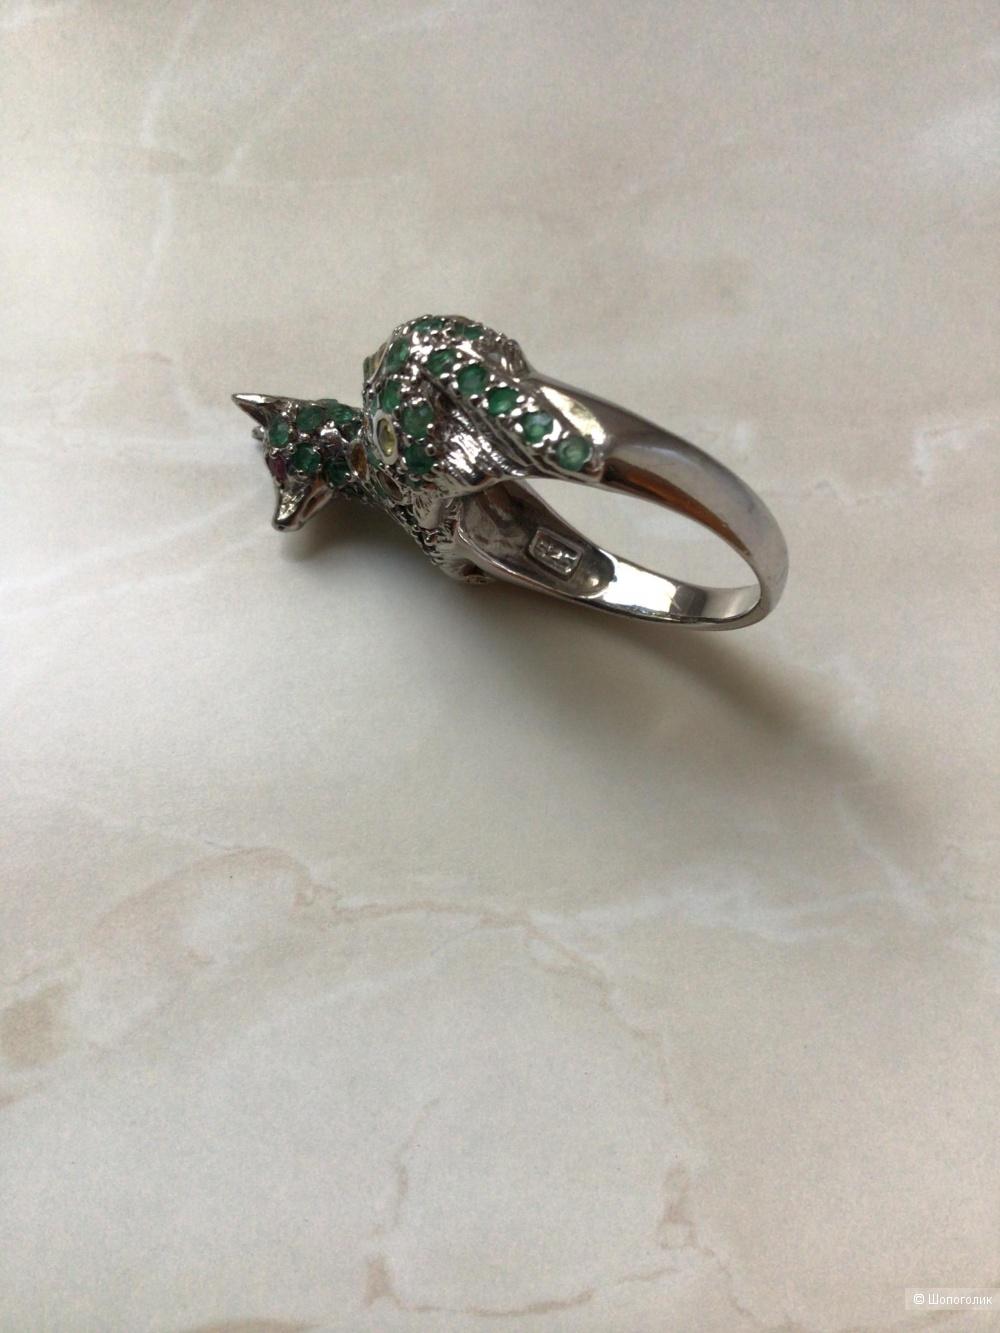 Серебряное кольцо «Лисичка» с натуральными изумрудами, сапфирами, рубинами, размер 17-17,25